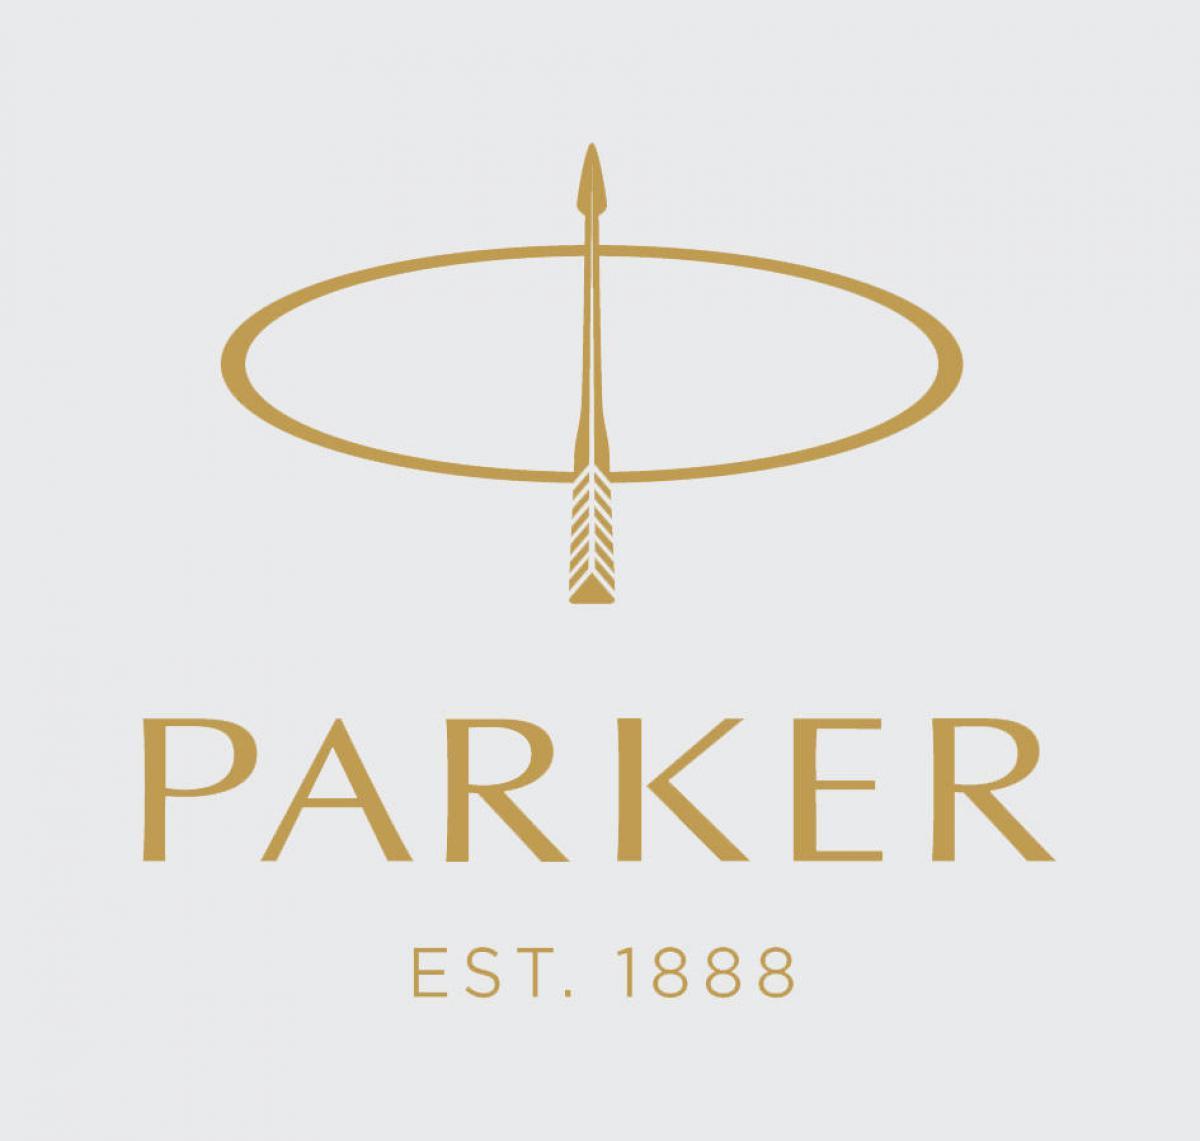 「パーカー」の初代ボールペン「ジョッター」が60余年も愛され続ける理由とは①|